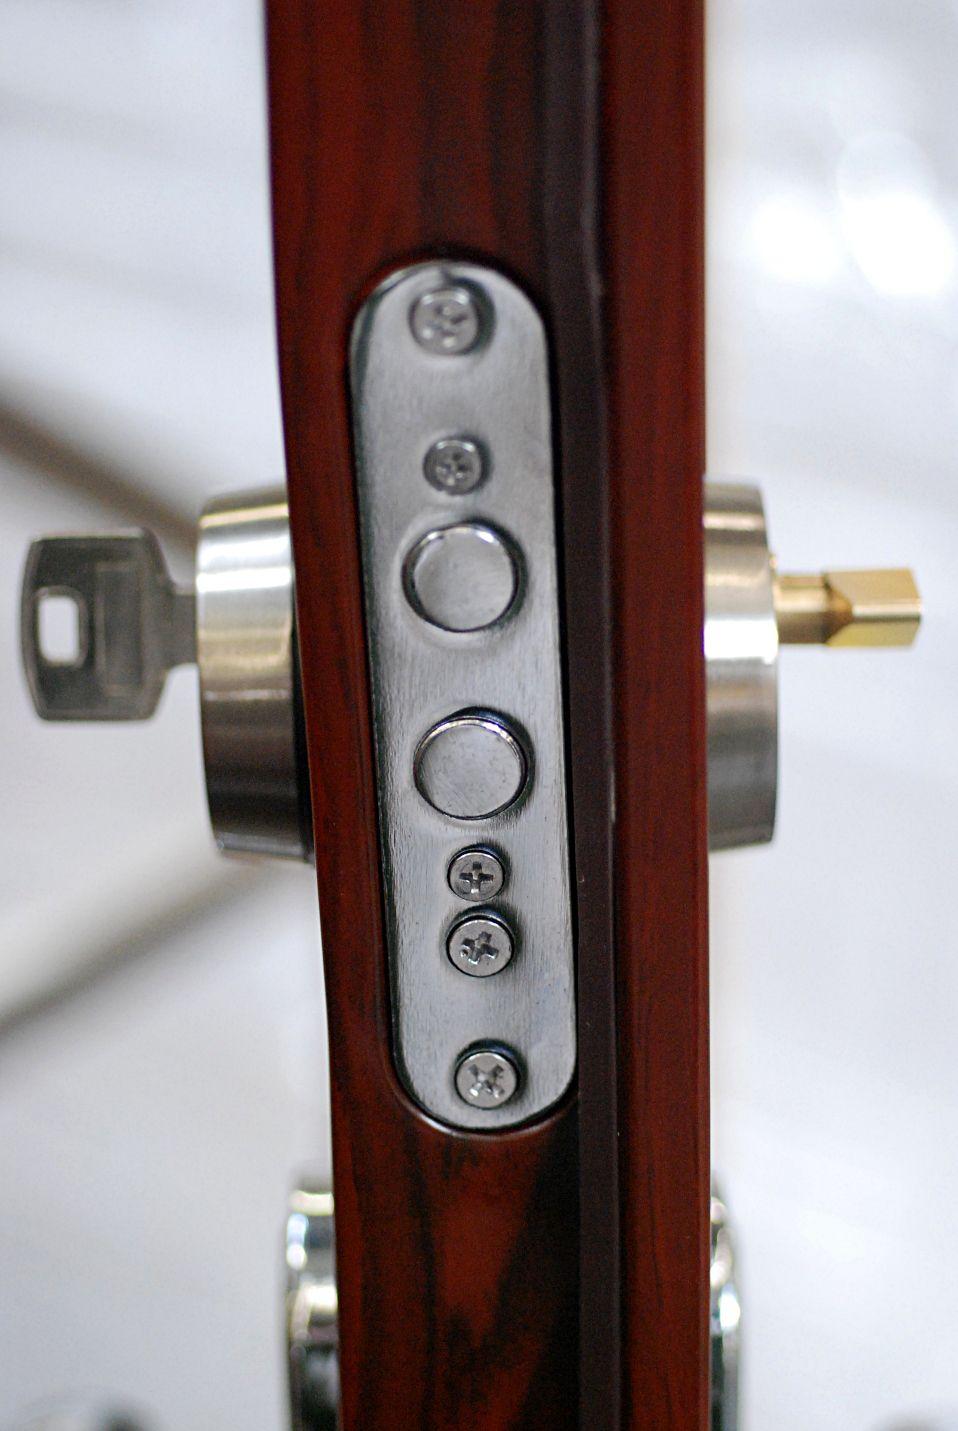 Instalación de cerraduras y bombillos antibumping: Servicios de Cerrajeros Osca Hnos. Justo